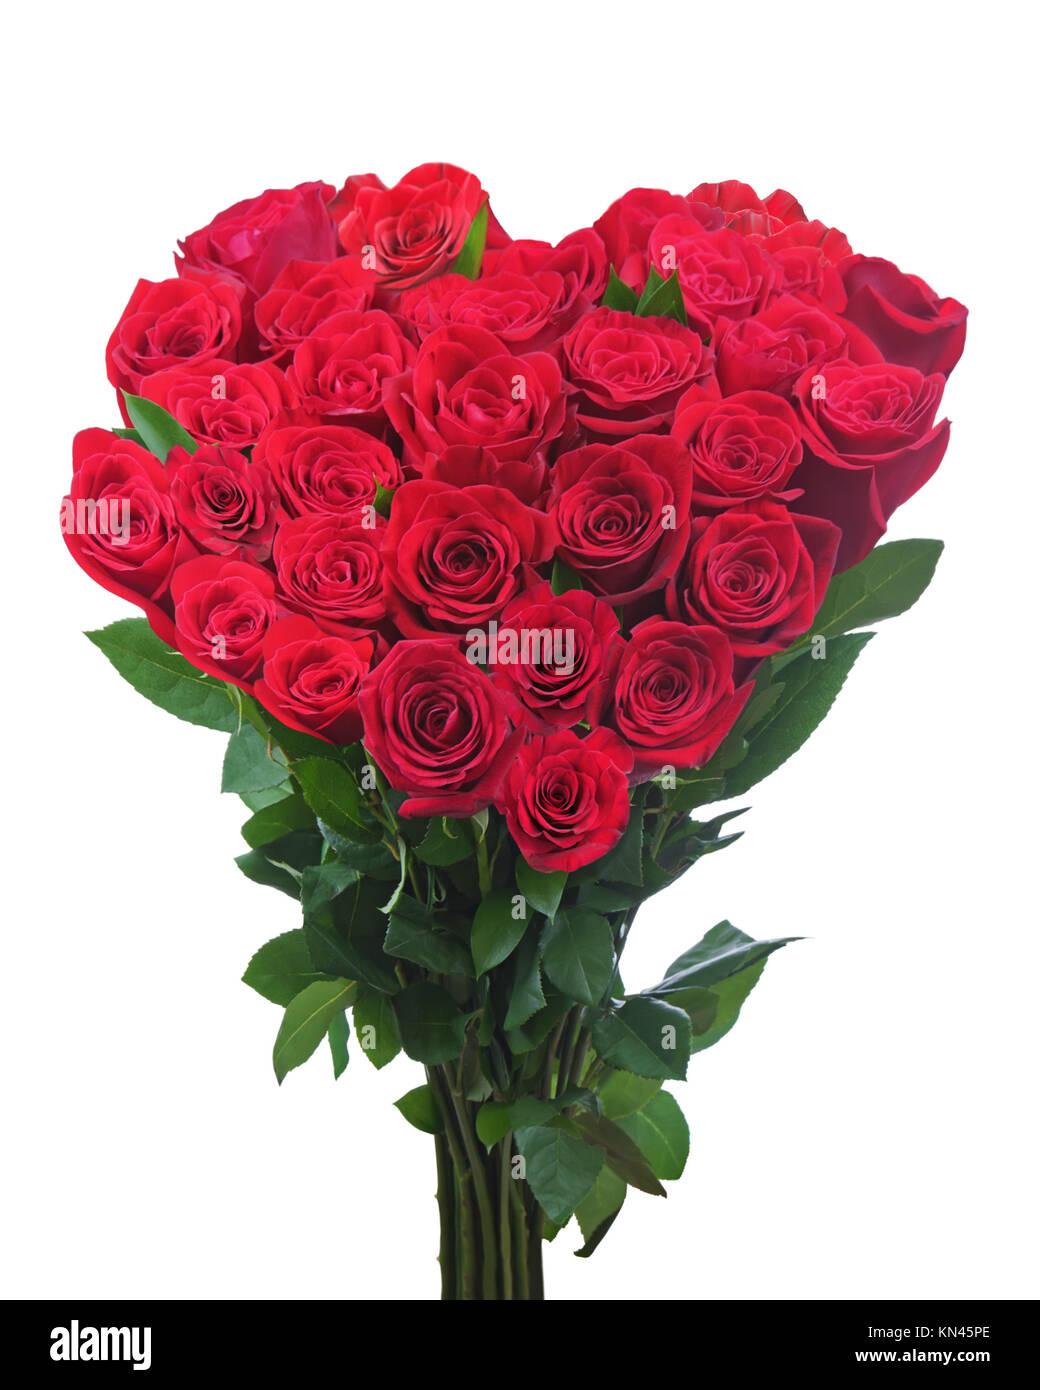 bouquet de roses rouges en forme de cœur isolé sur fond blanc. libre